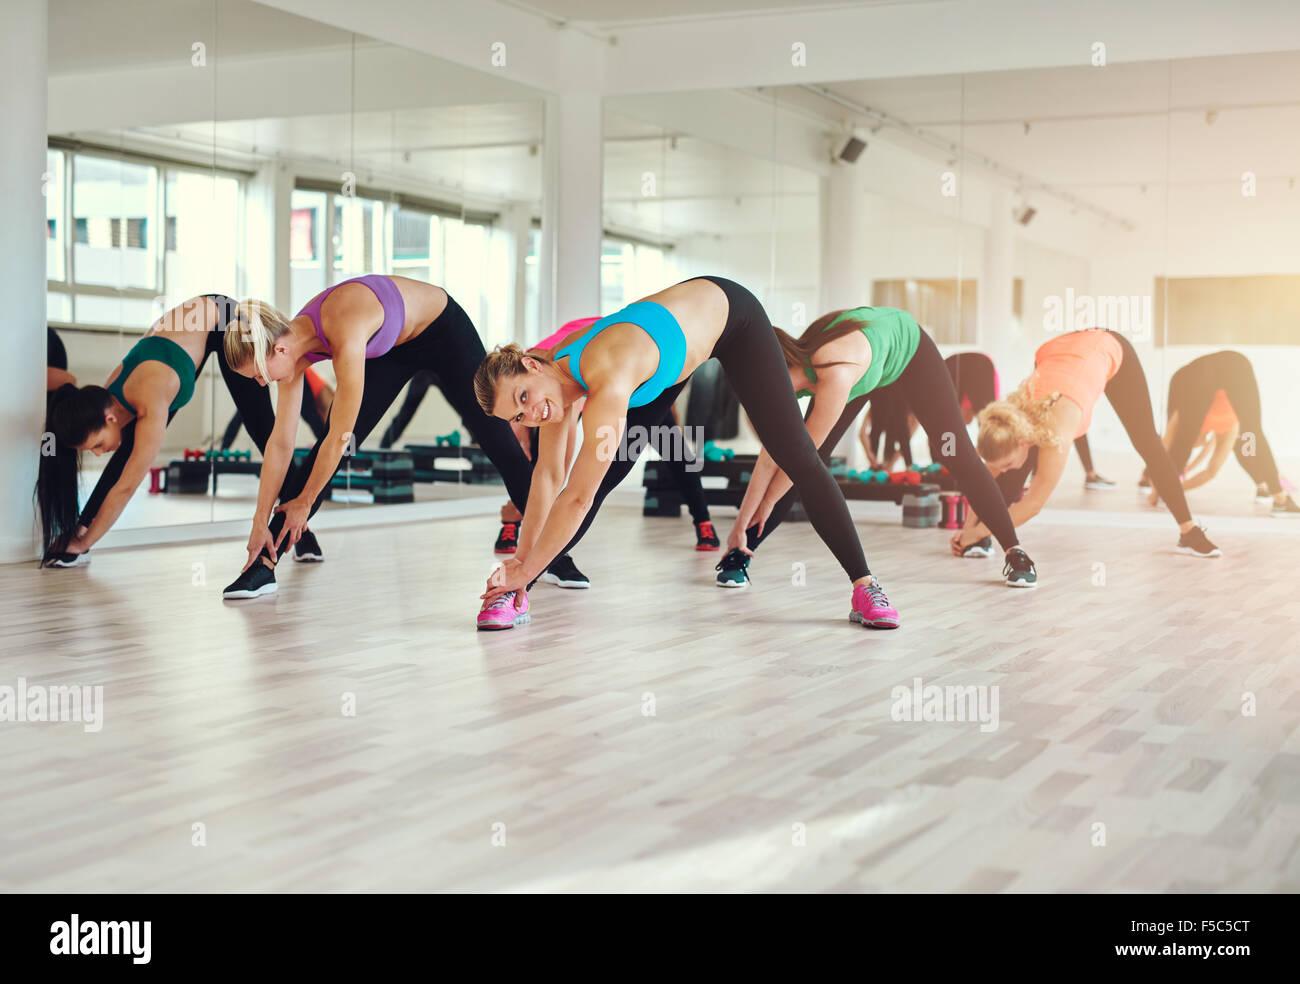 Gruppe von Frauen in bunten Tüchern in einem Fitnessstudio, Aerobic oder Aufwärmen mit Gymnastik und stretching Stockbild